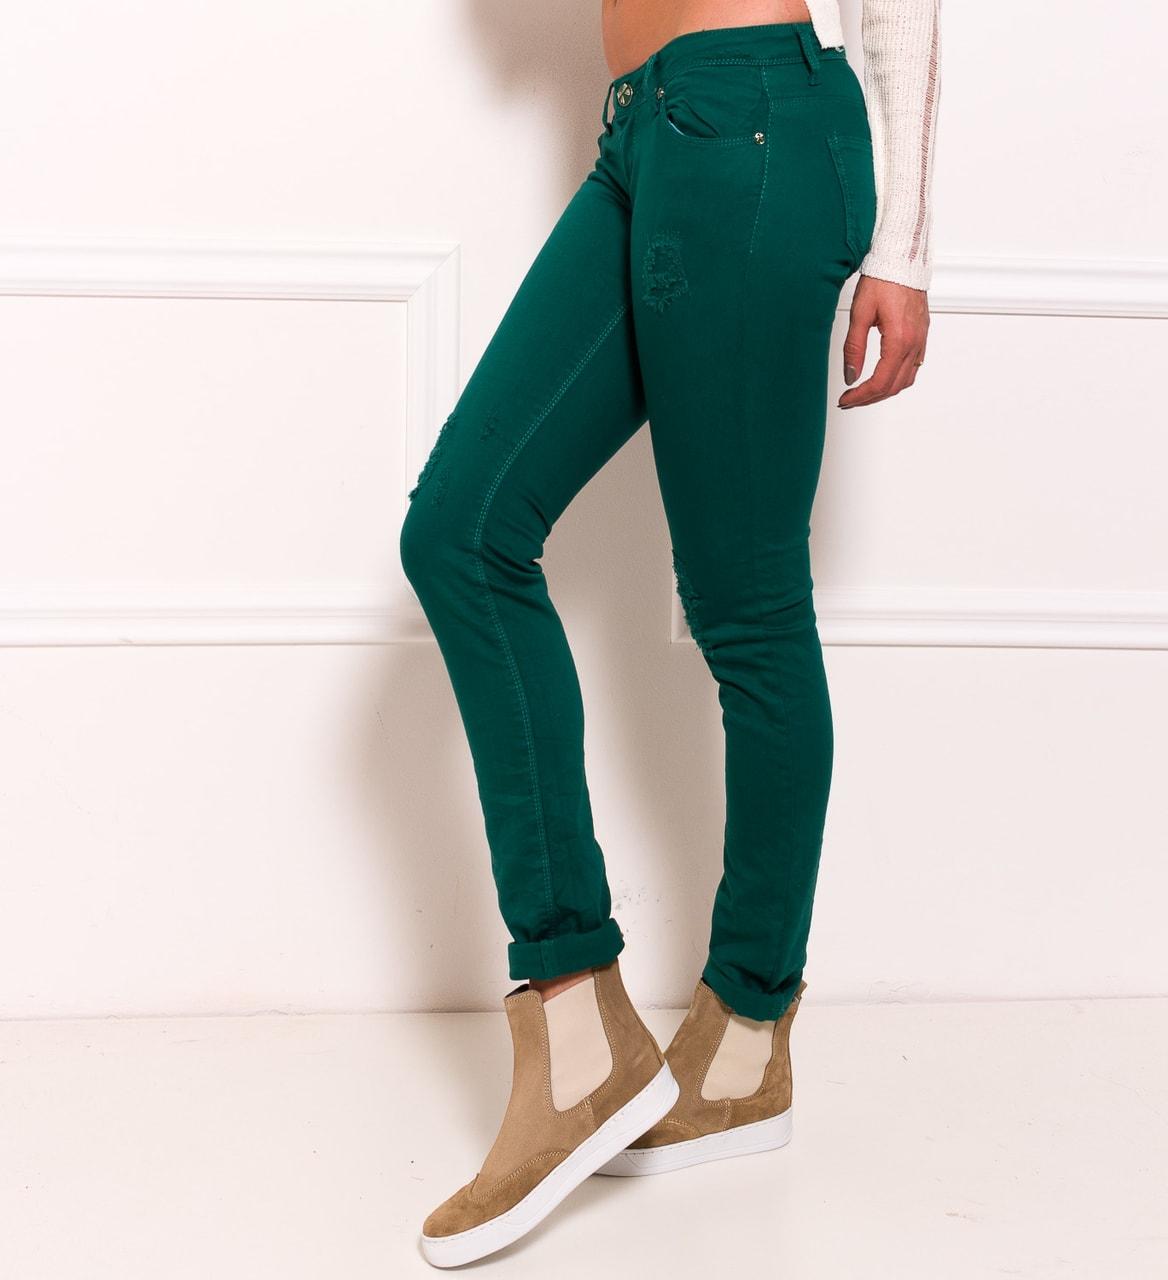 fe8f8b0b0af Dámské jeany zelená - Due Linee - Jeany - Dámské oblečení - GLAM ...